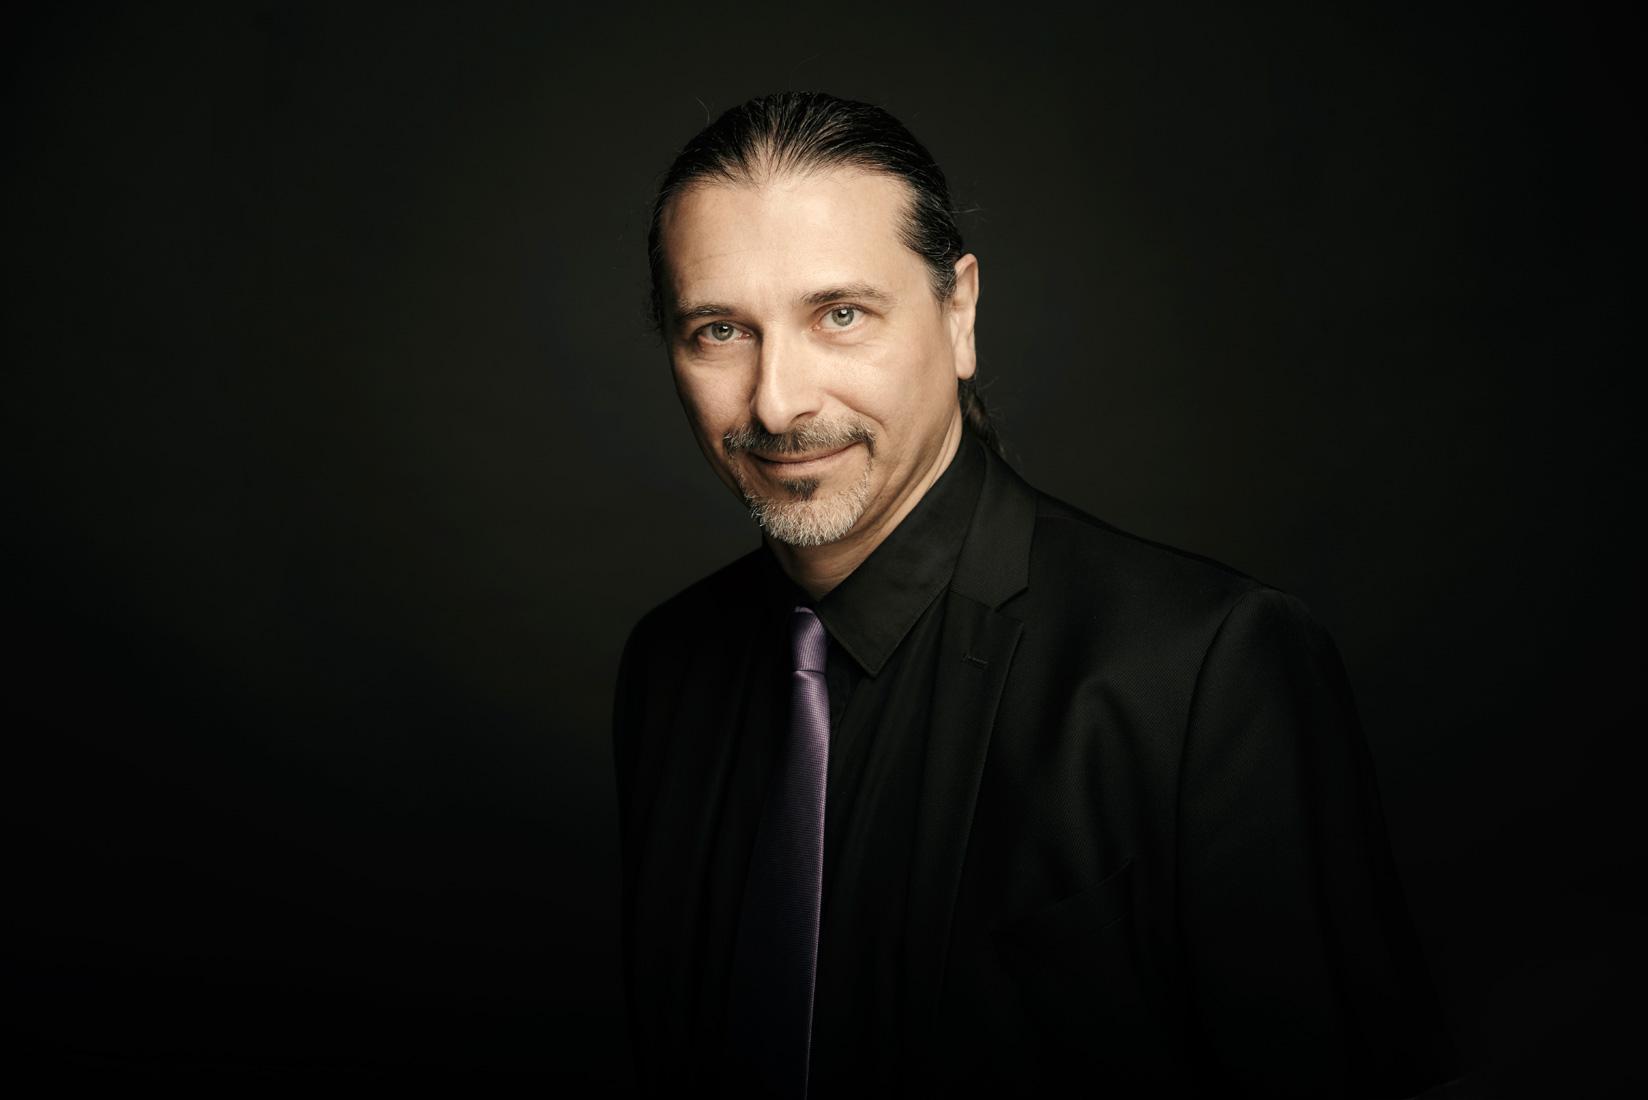 Piotr Jeczmyk